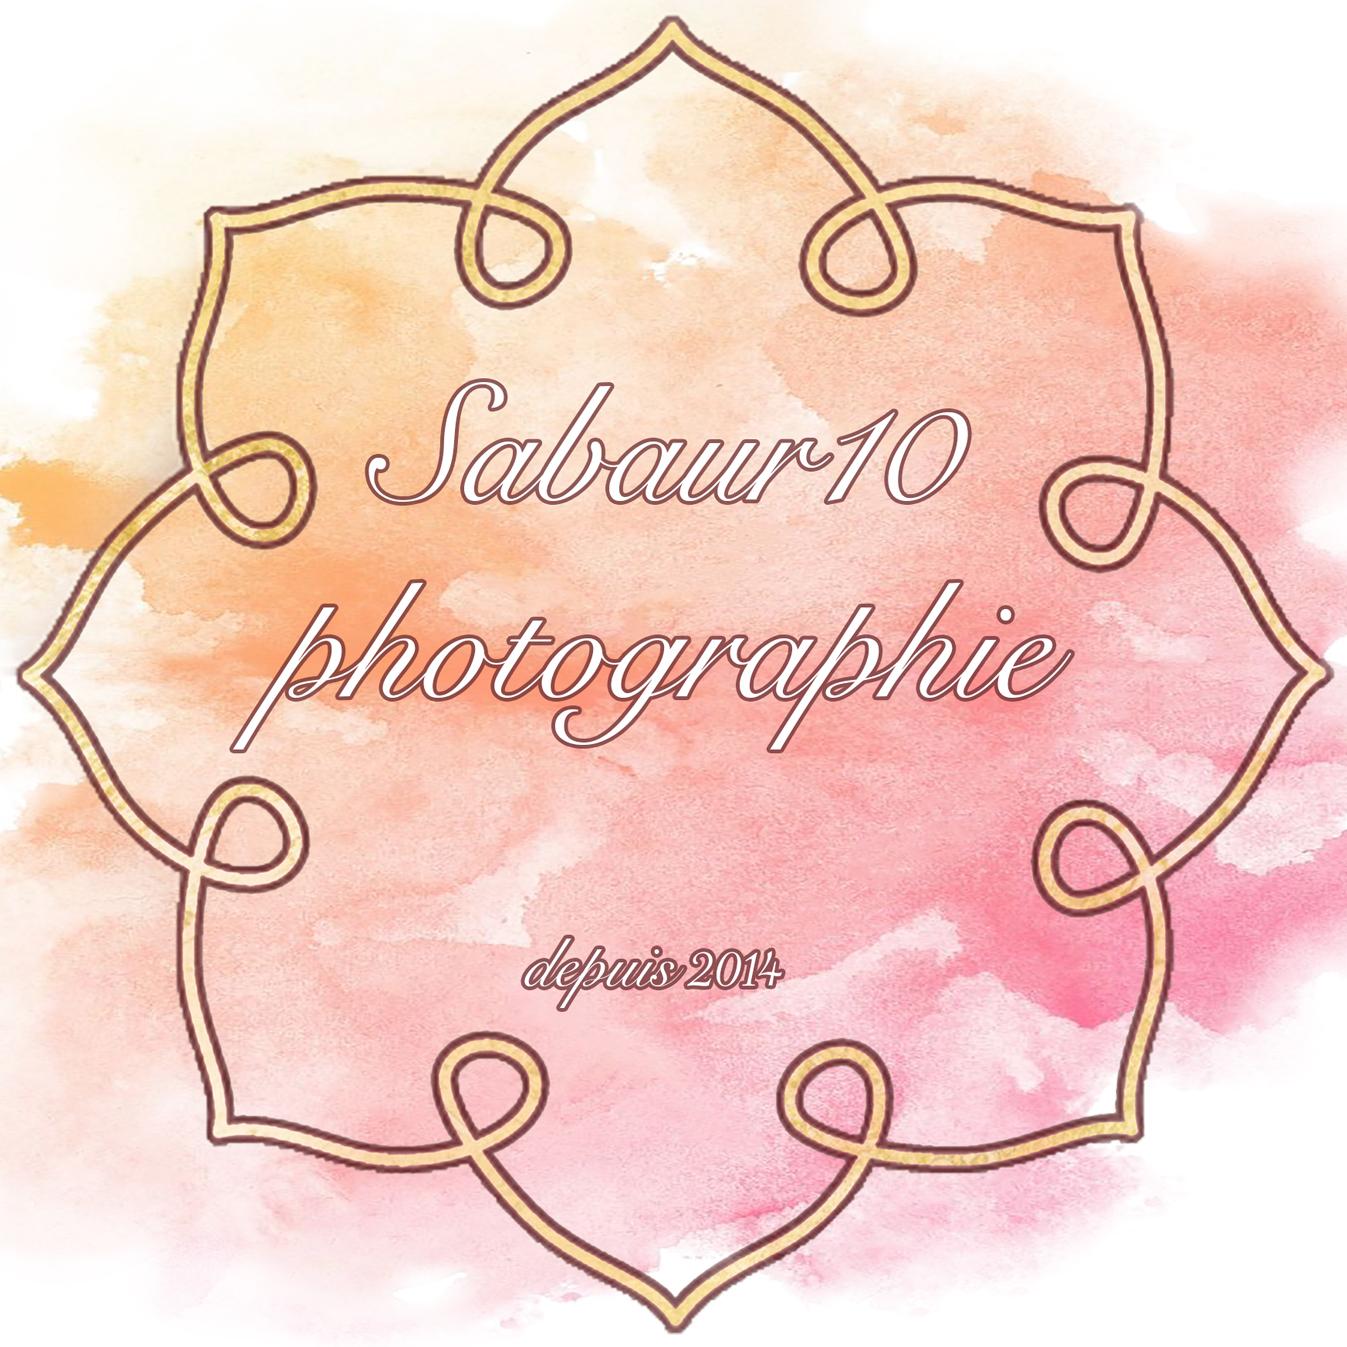 SABAUR10 PHOTOGRAPHIE